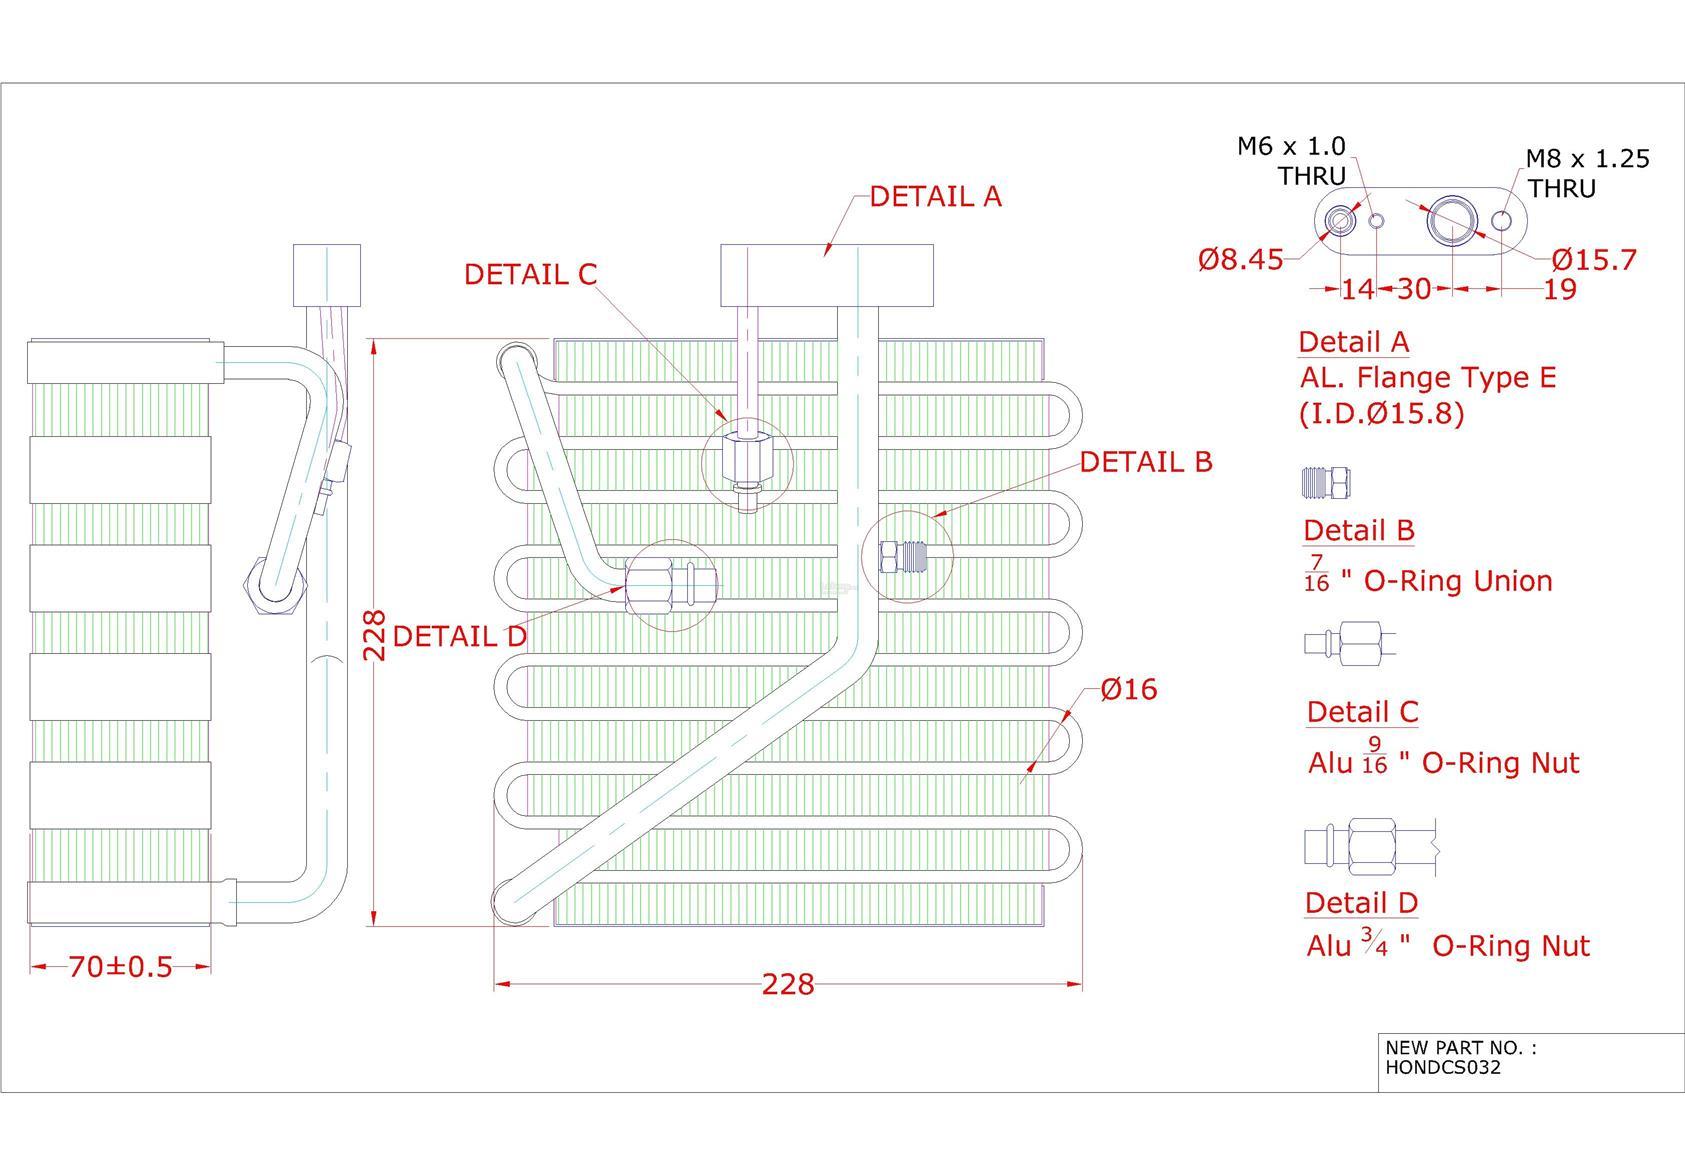 honda civic '94 '01 rhd air cond (end 6 12 2019 5 15 pm) 95 accord wiring diagram honda civic '94 '01 rhd air cond evaporator cooling coil